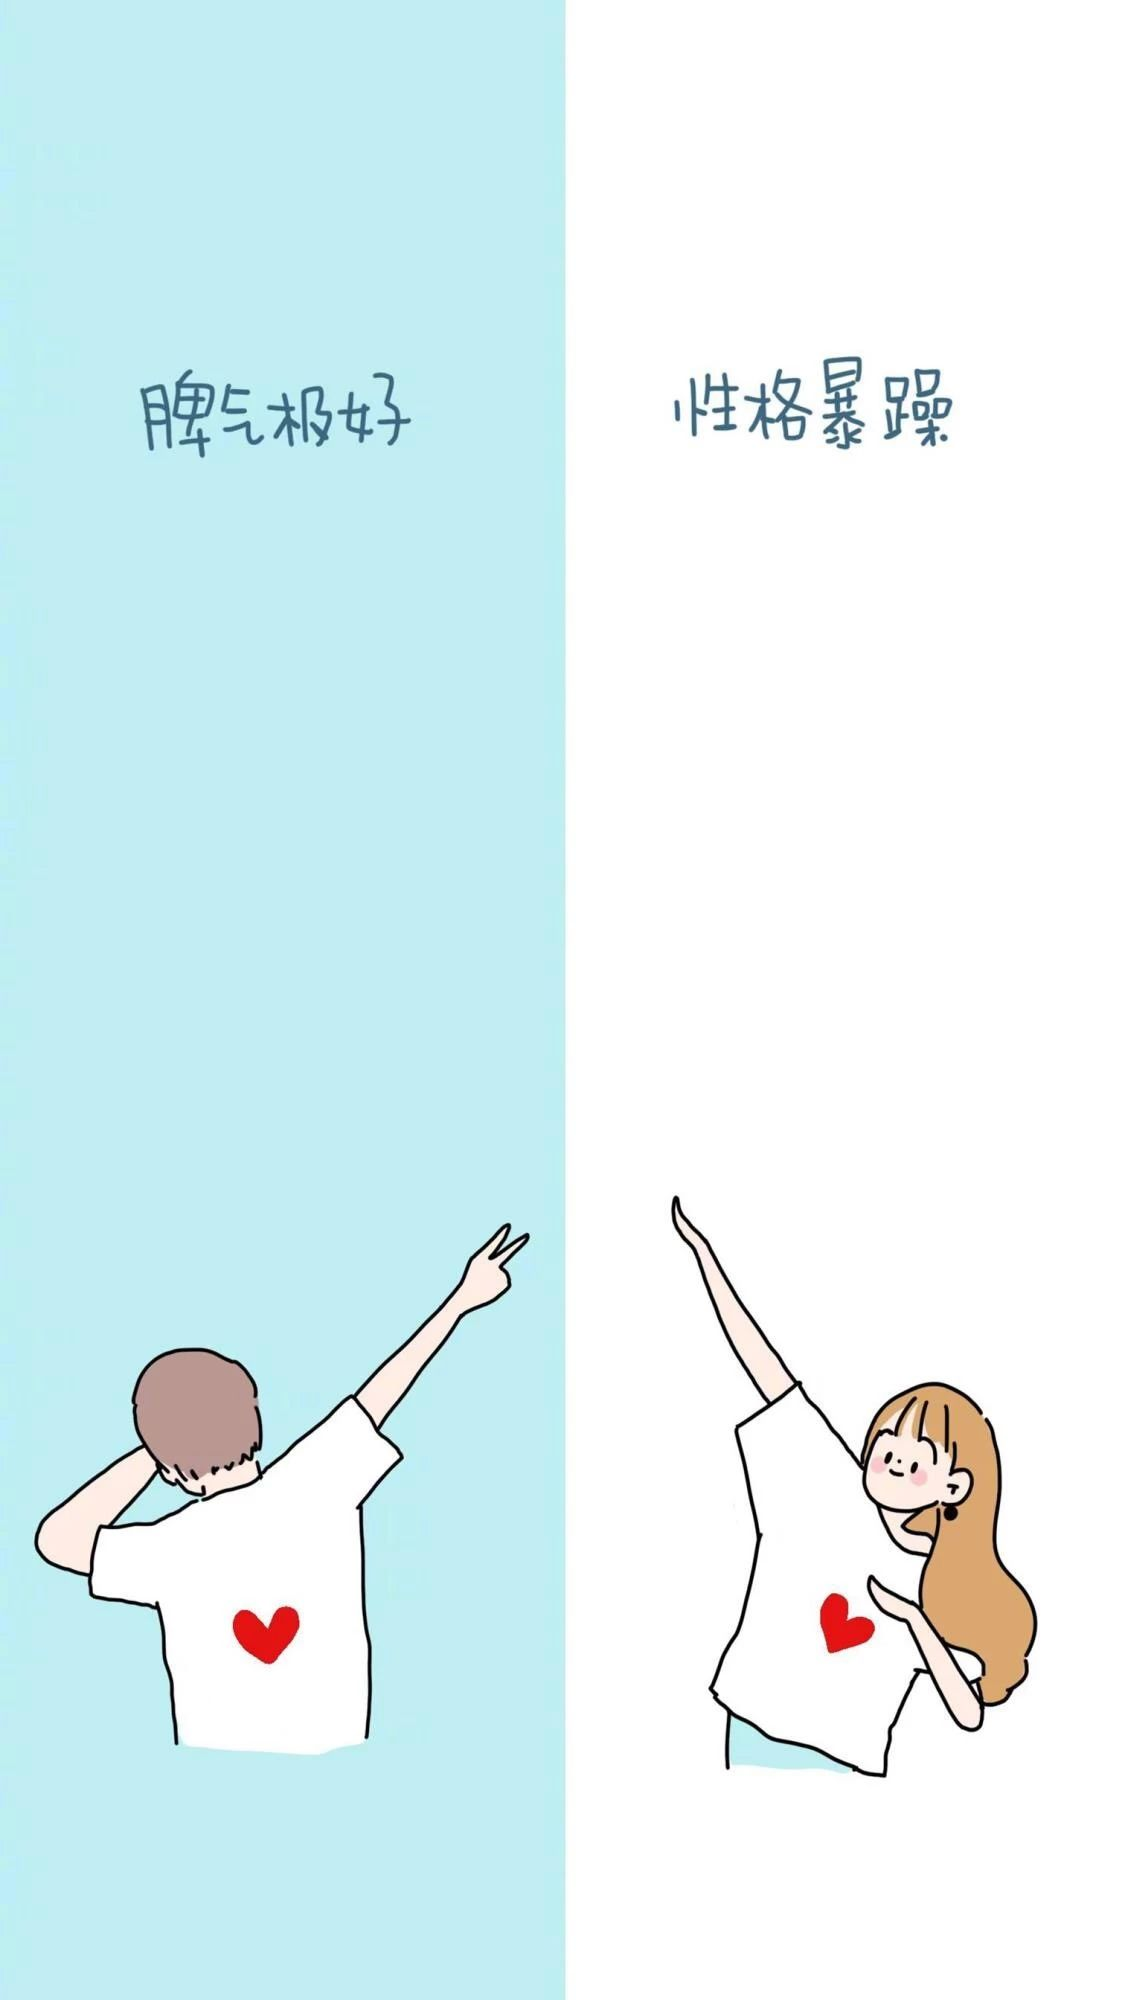 QQ微信聊天背景图:发财和发朋友圈,你总要发一个吧!插图11